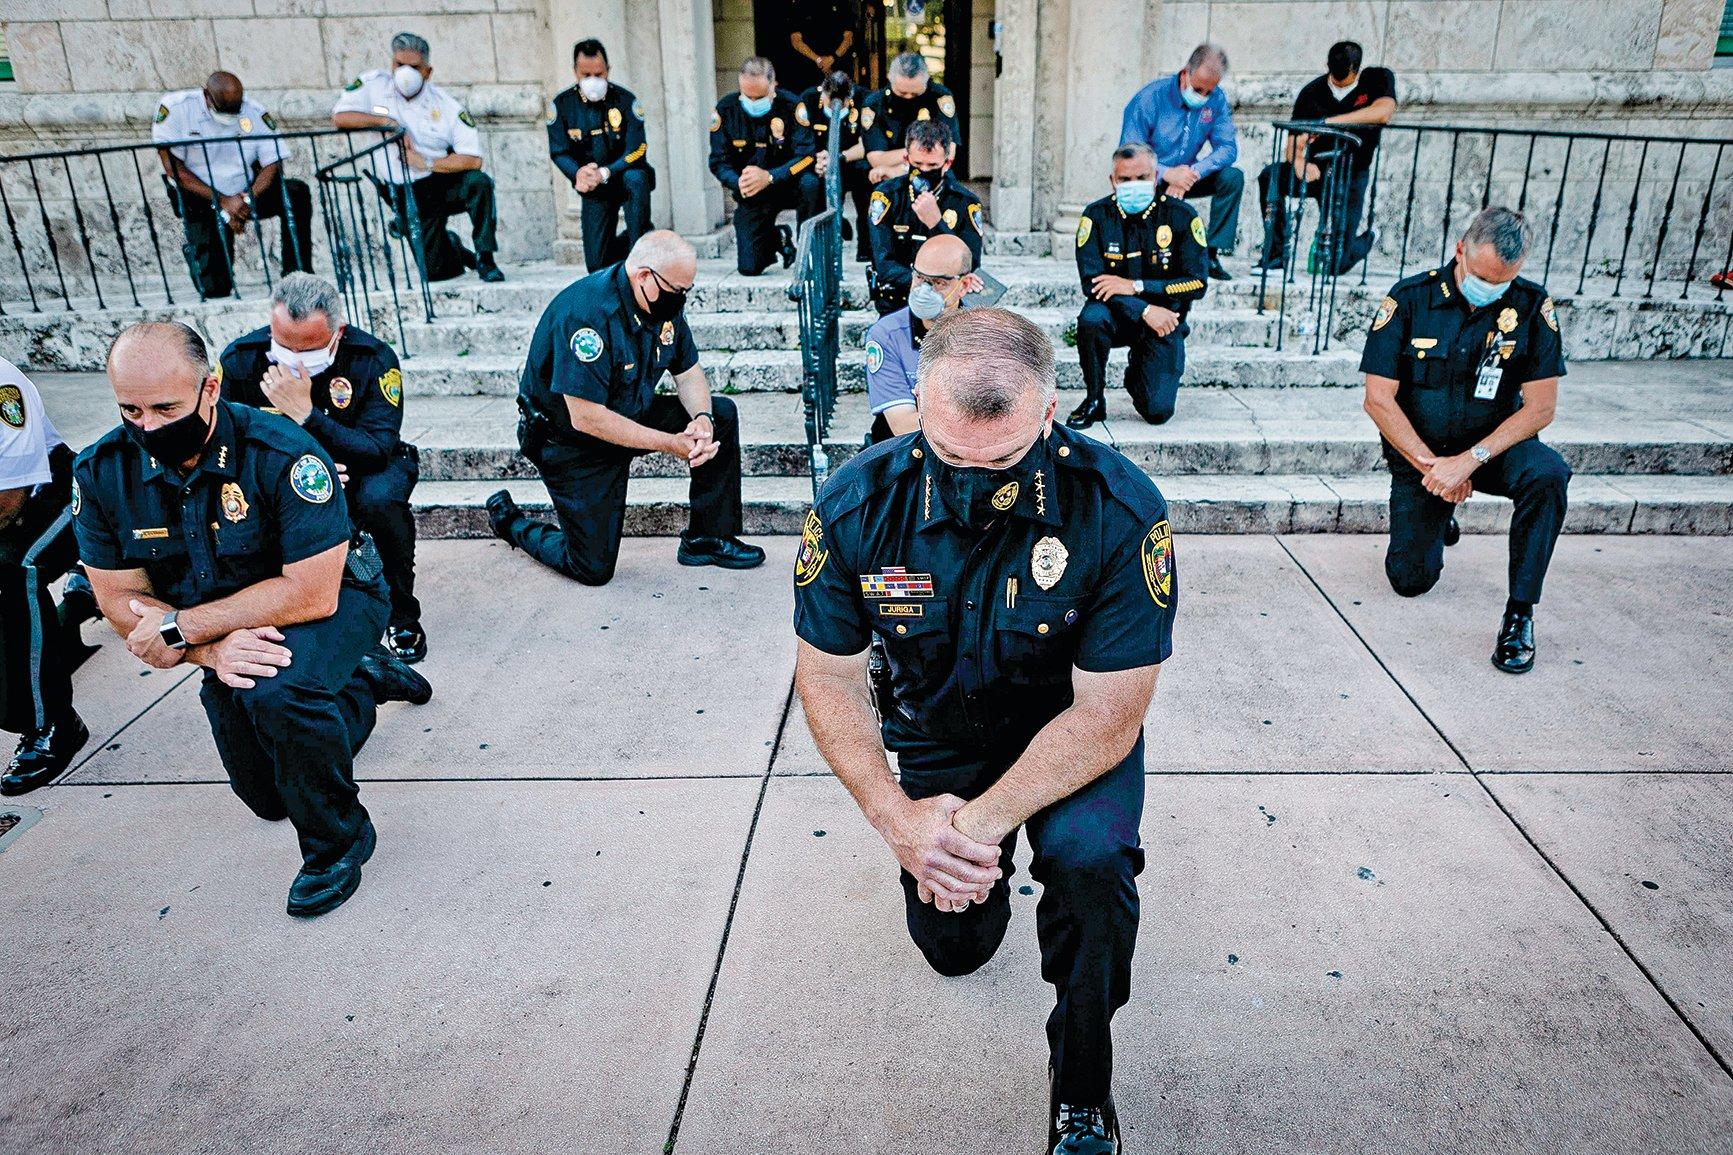 弗洛伊德之死,引發全美的抗議活動。5月30日在佛羅里達州舉行的一次集會上,警察們單膝跪下,表達哀悼與致歉,也是請求抗議者放棄違法的暴力。(Getty Images)